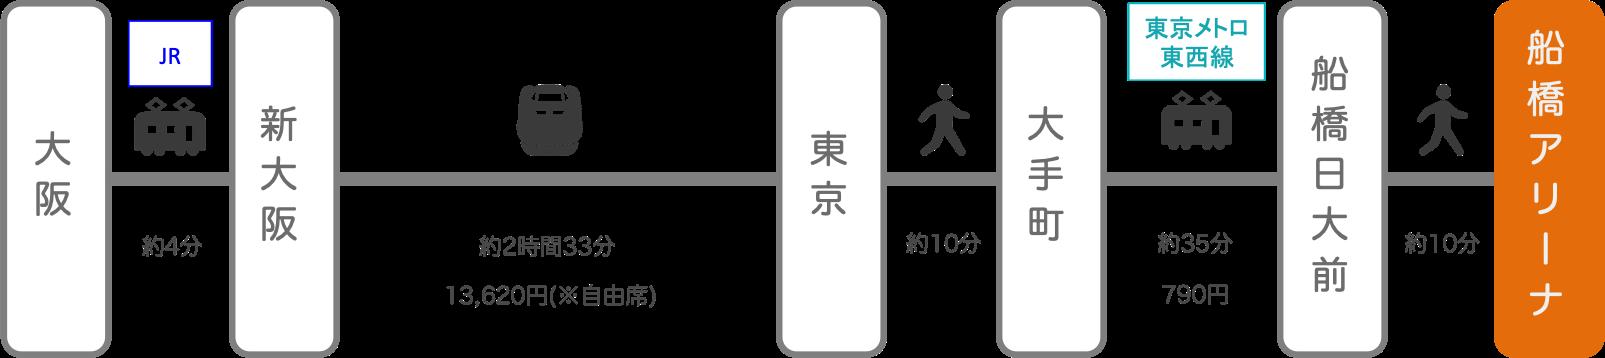 船橋アリーナ_大阪_新幹線